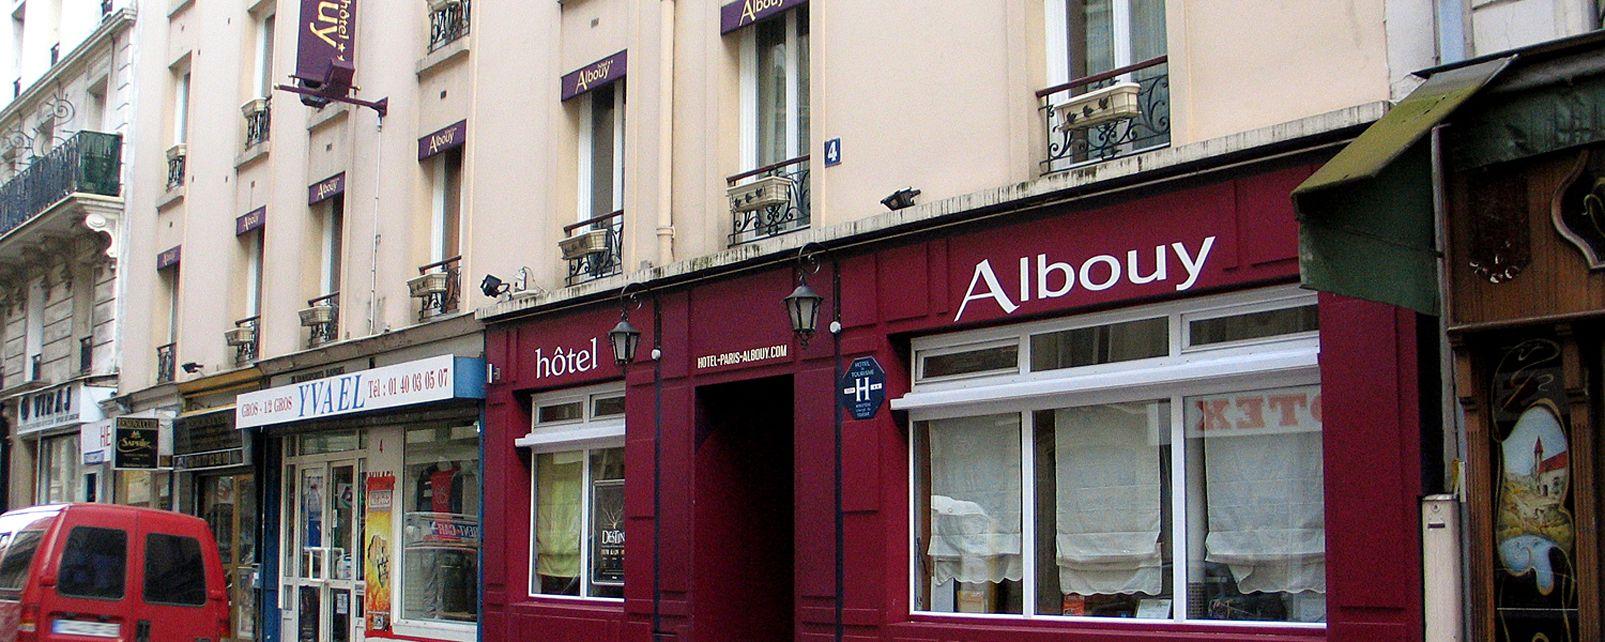 Hôtel Albouy